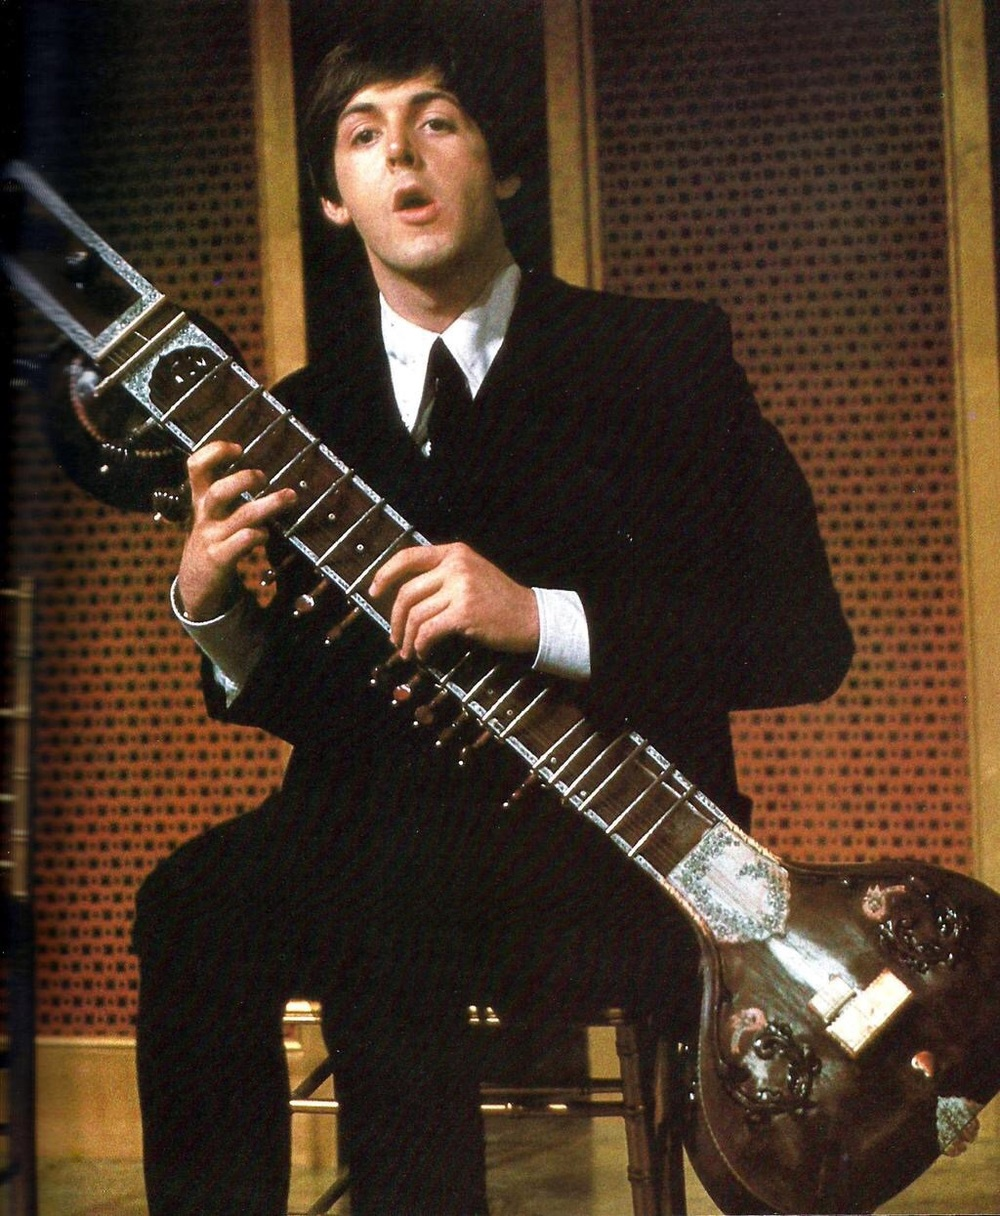 Paul McCartney with a sitar, circa 1965.